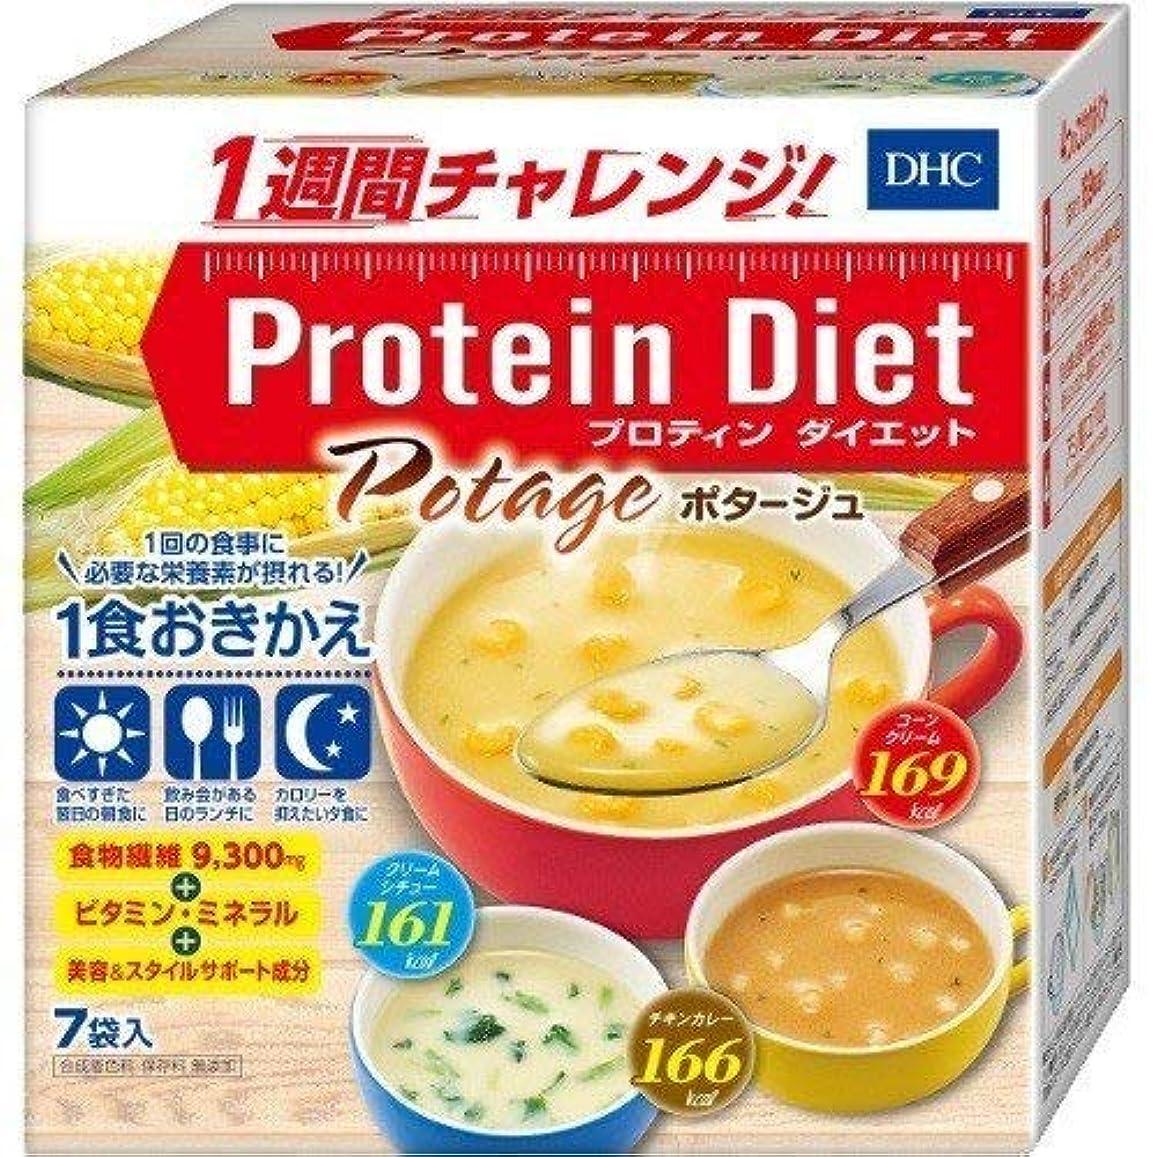 電子レンジテープ病気DHC 健康食品相談室 DHC プロティンダイエット ポタージュ 7袋入 4511413406366